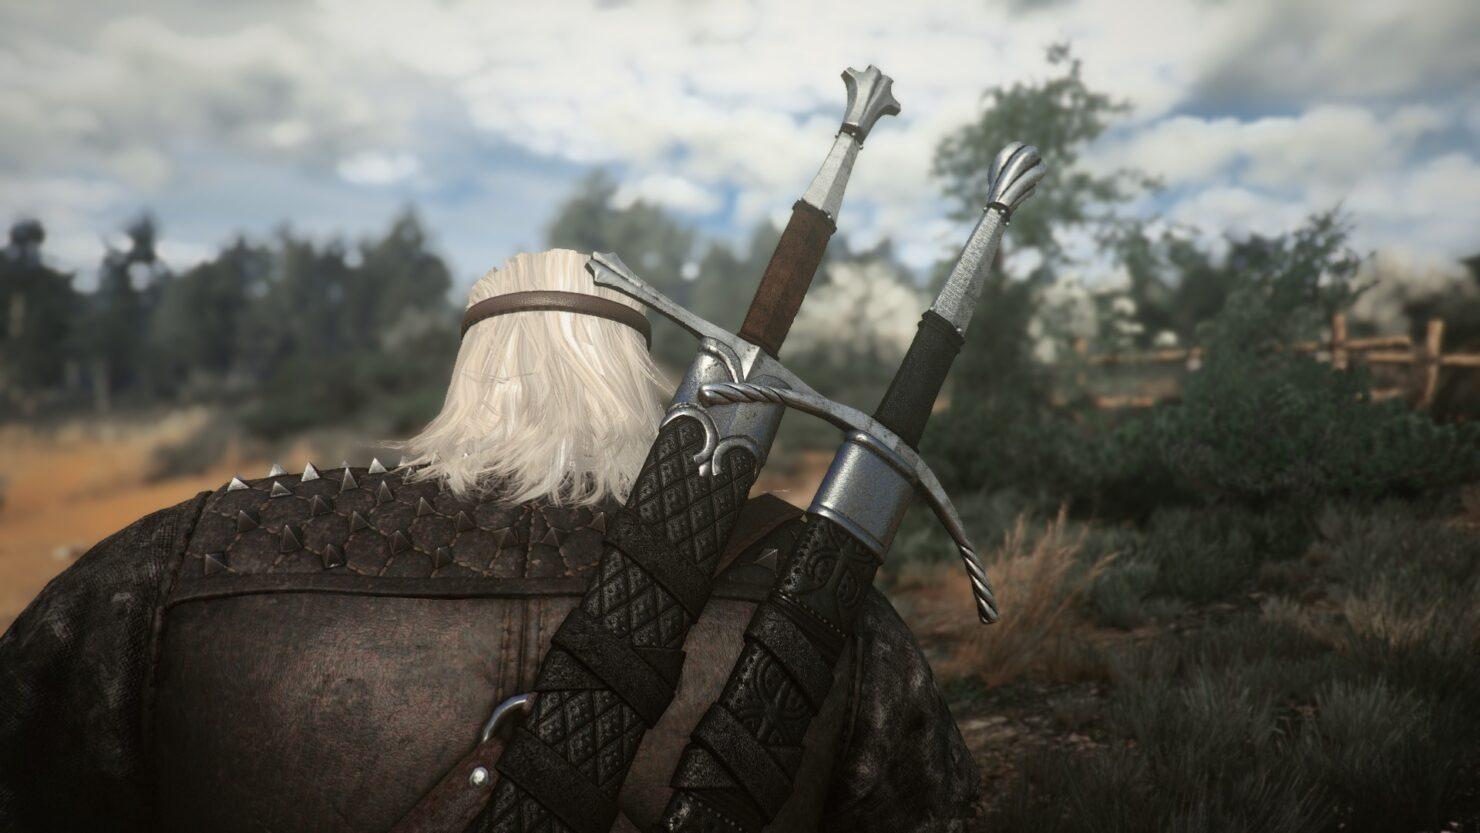 witcher 3 armor mod